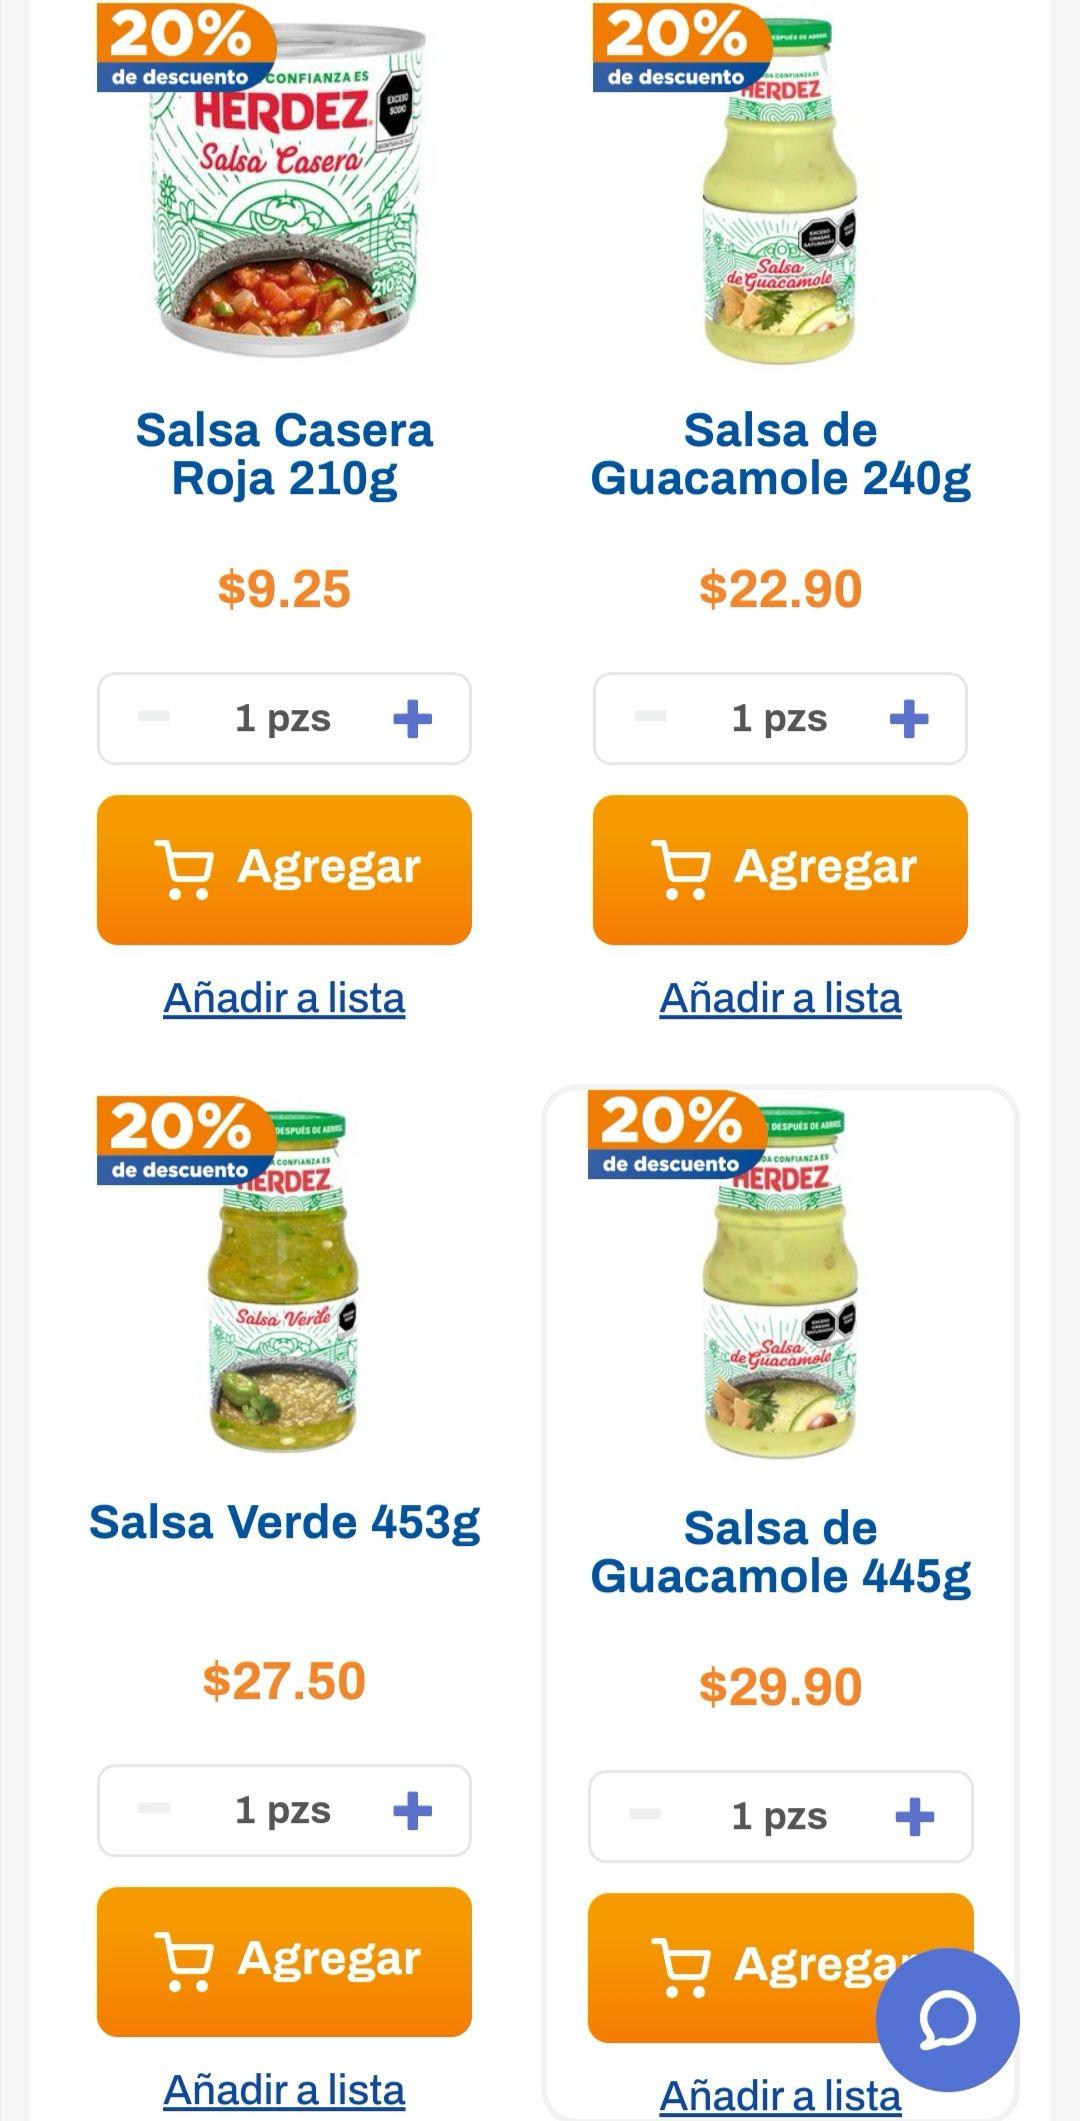 Chedraui: 20% de descuento en salsas caseras Herdez